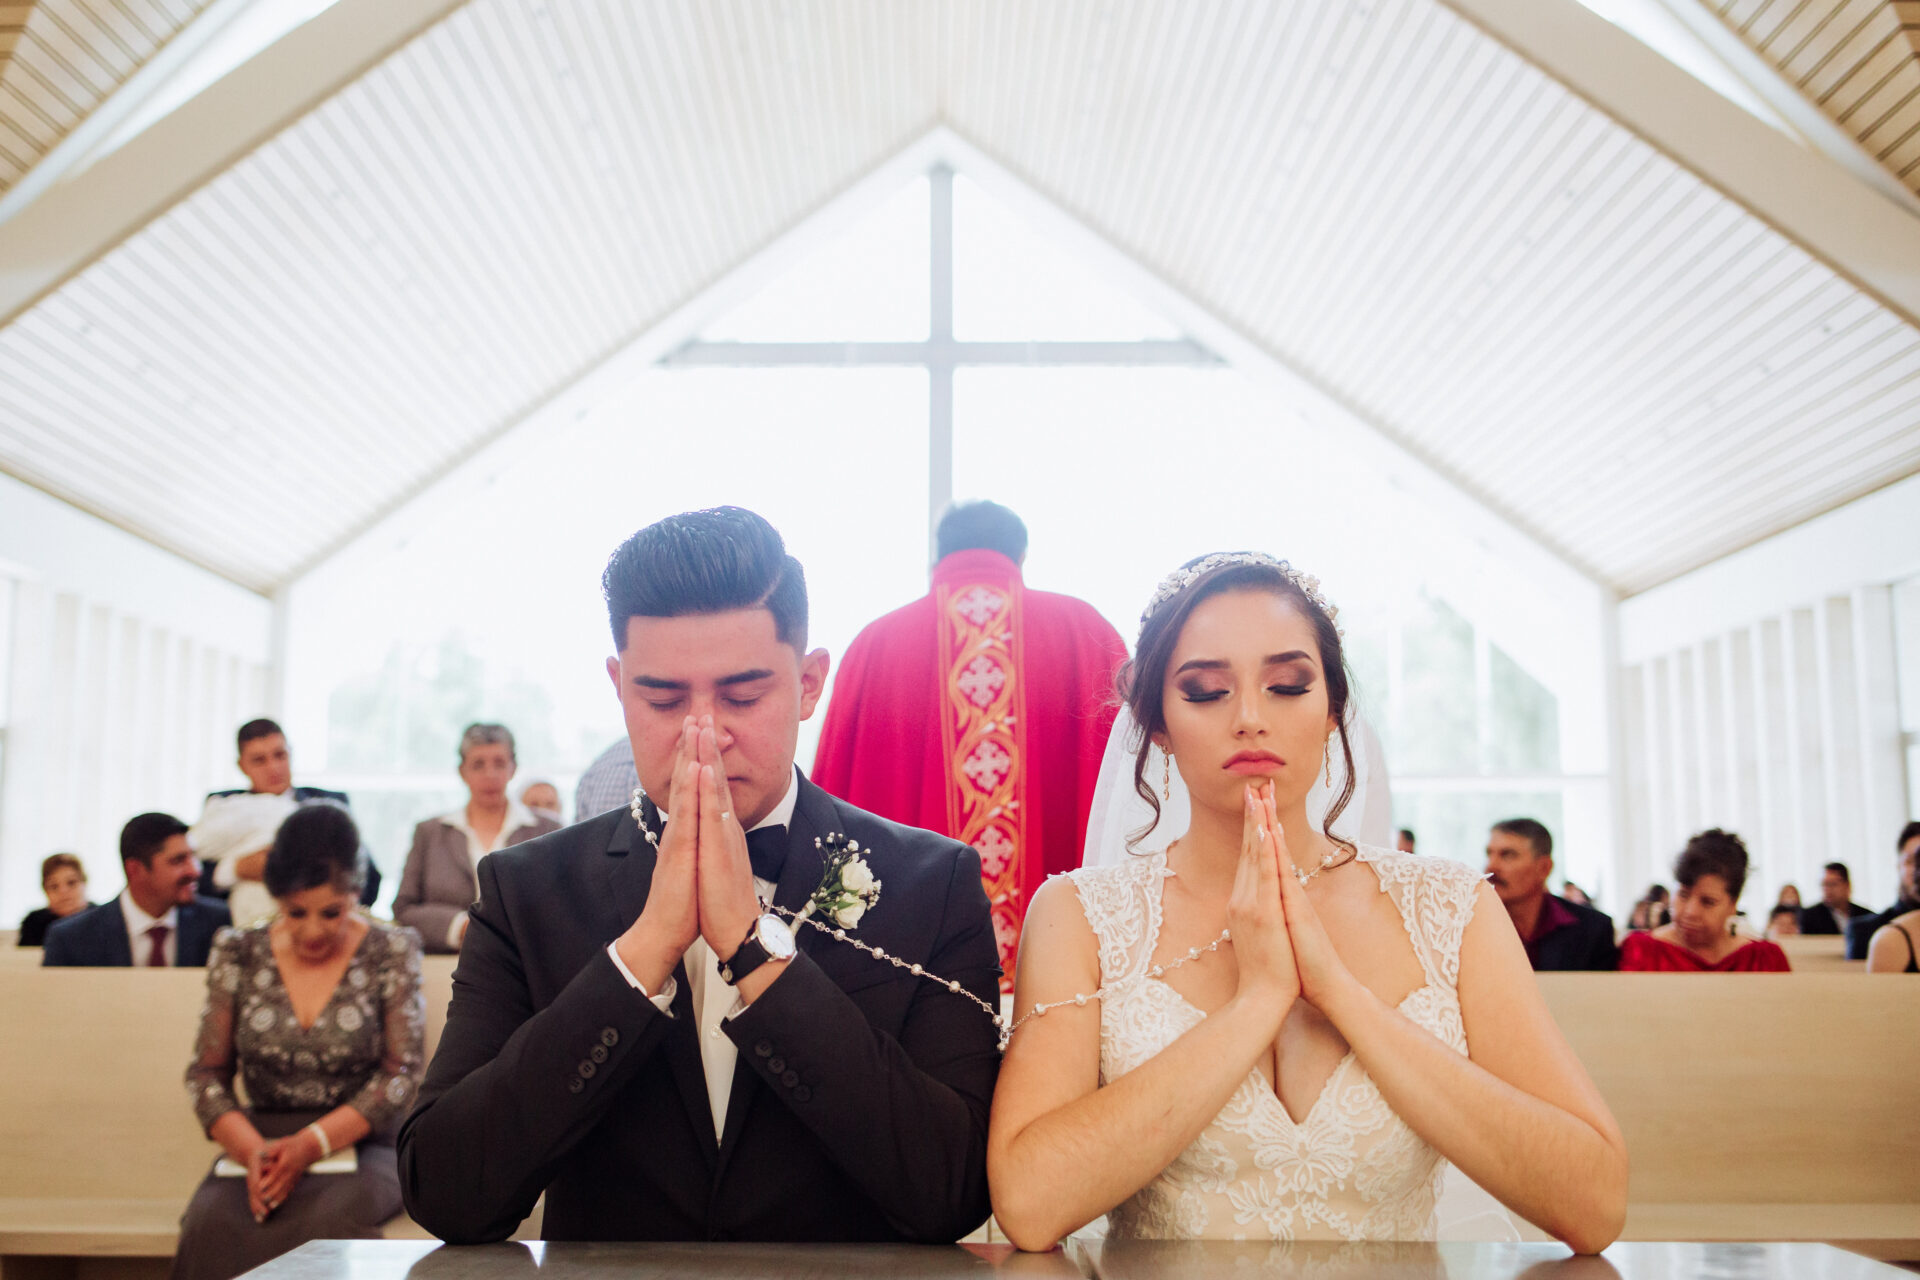 javier_noriega_fotografo_Boda_san_ramon_zacatecas_wedding_photographer10